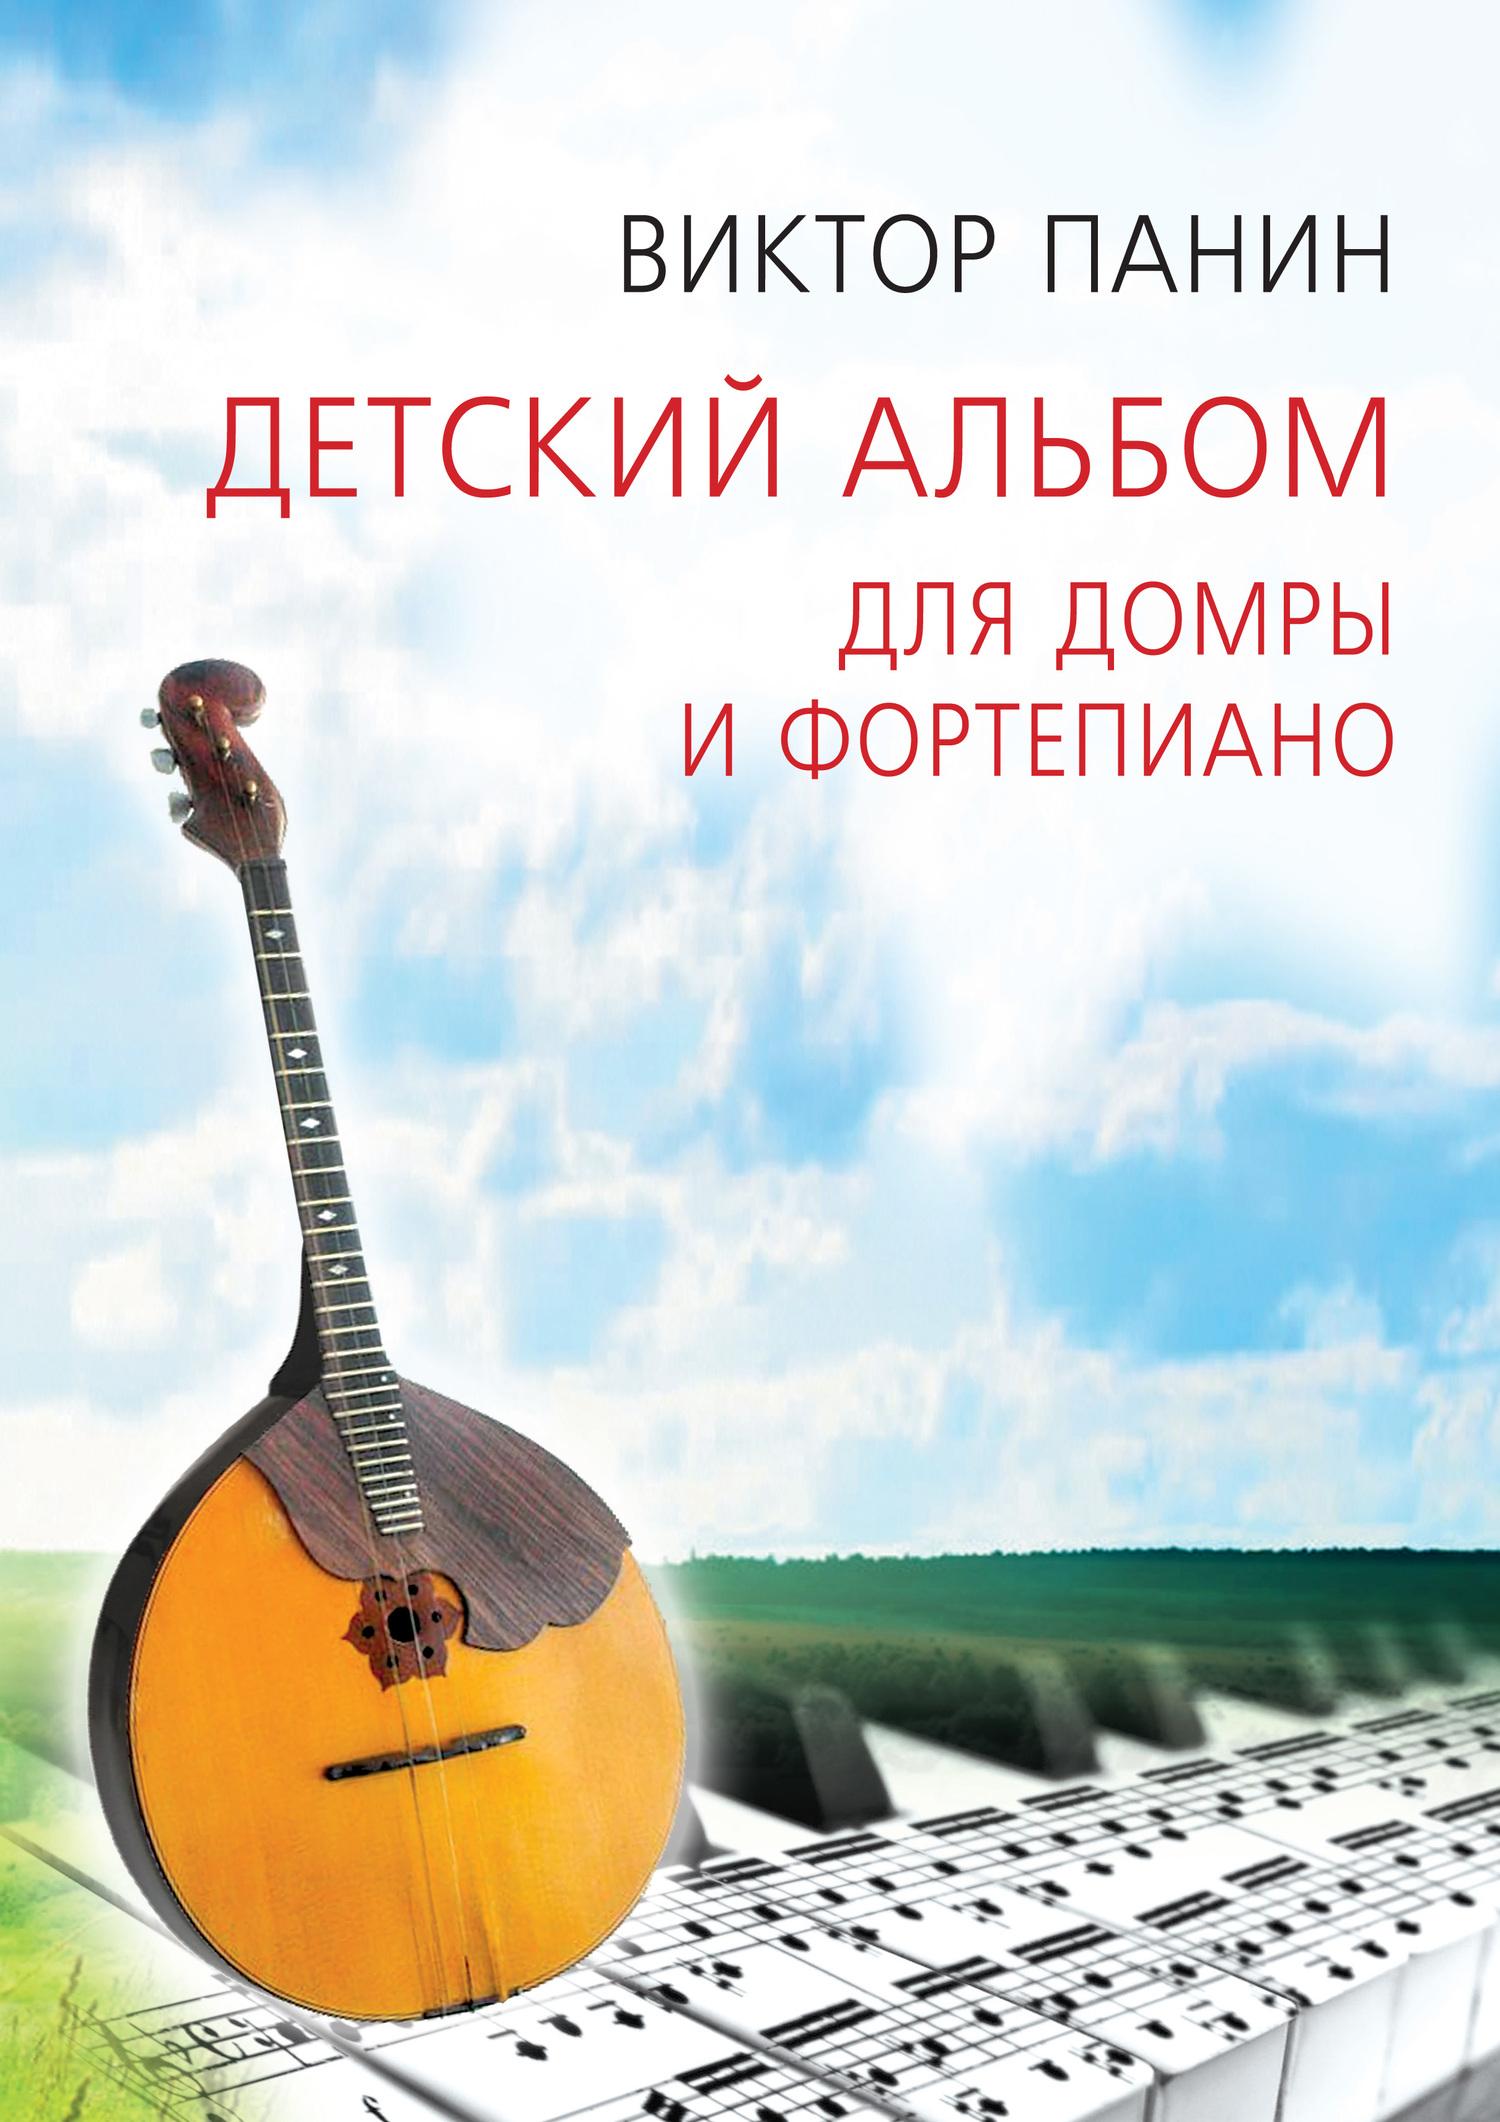 Виктор Панин. Детский альбом для домры и фортепиано